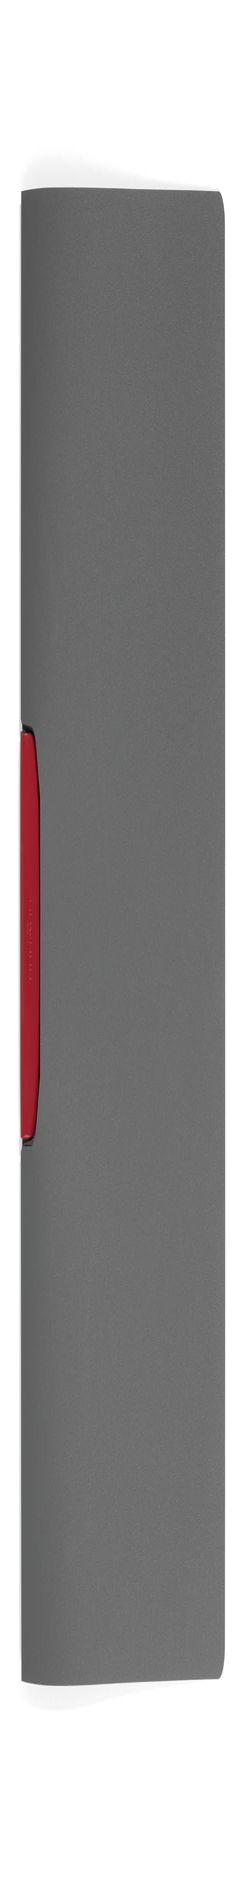 230400-3 Папка DURASWING COLOR с красным клипом фото